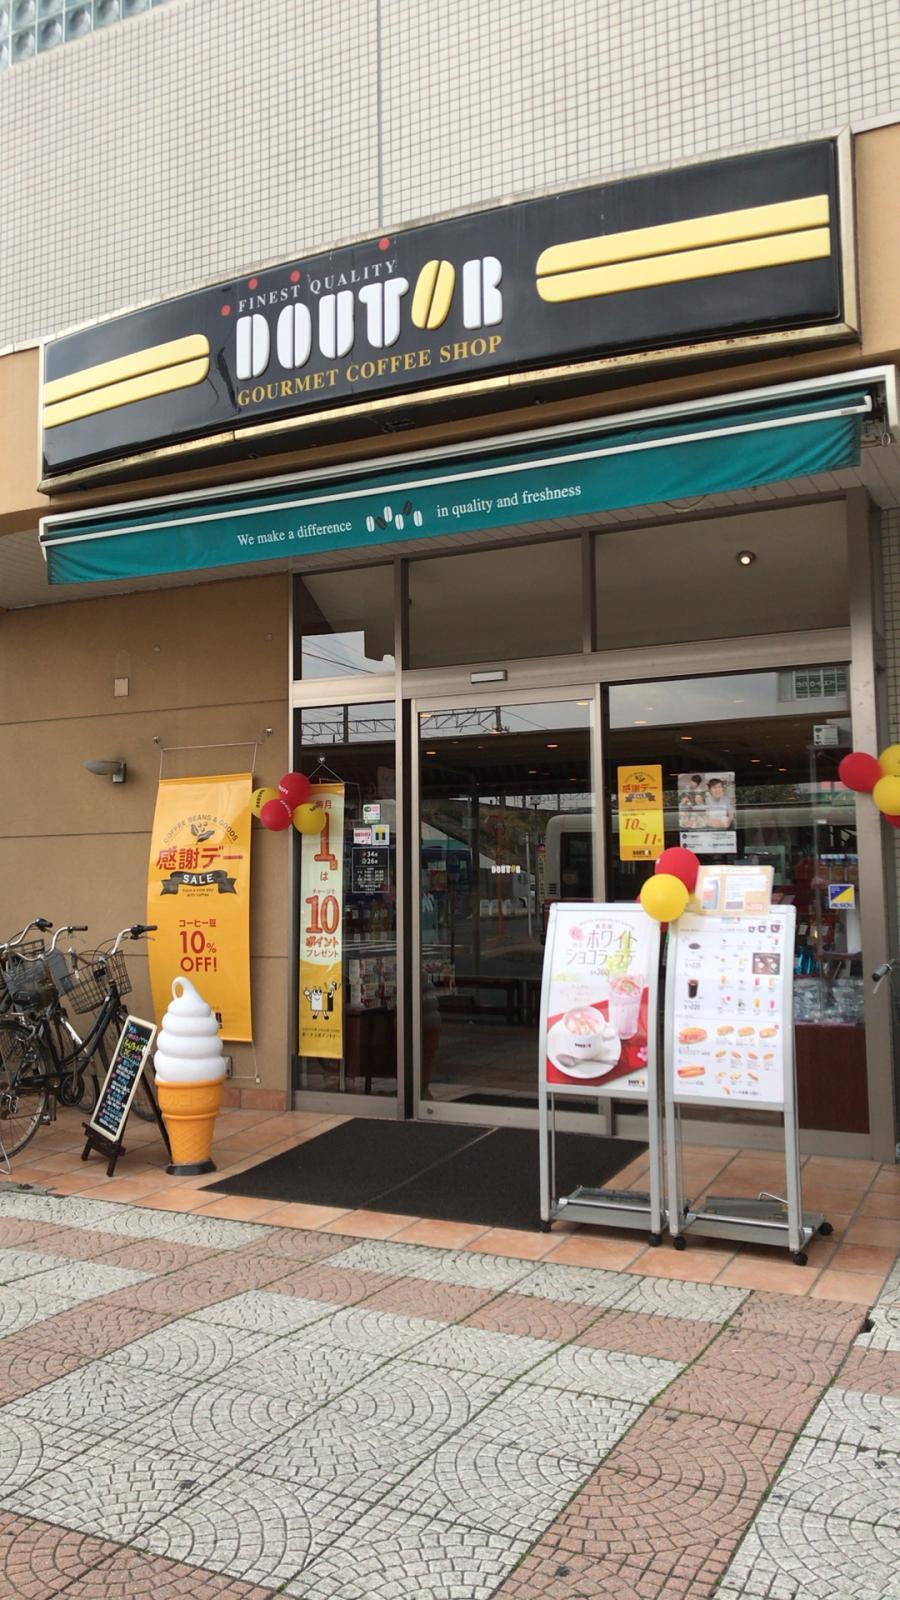 ドトールコーヒーショップ 三郷駅前店_施設外観